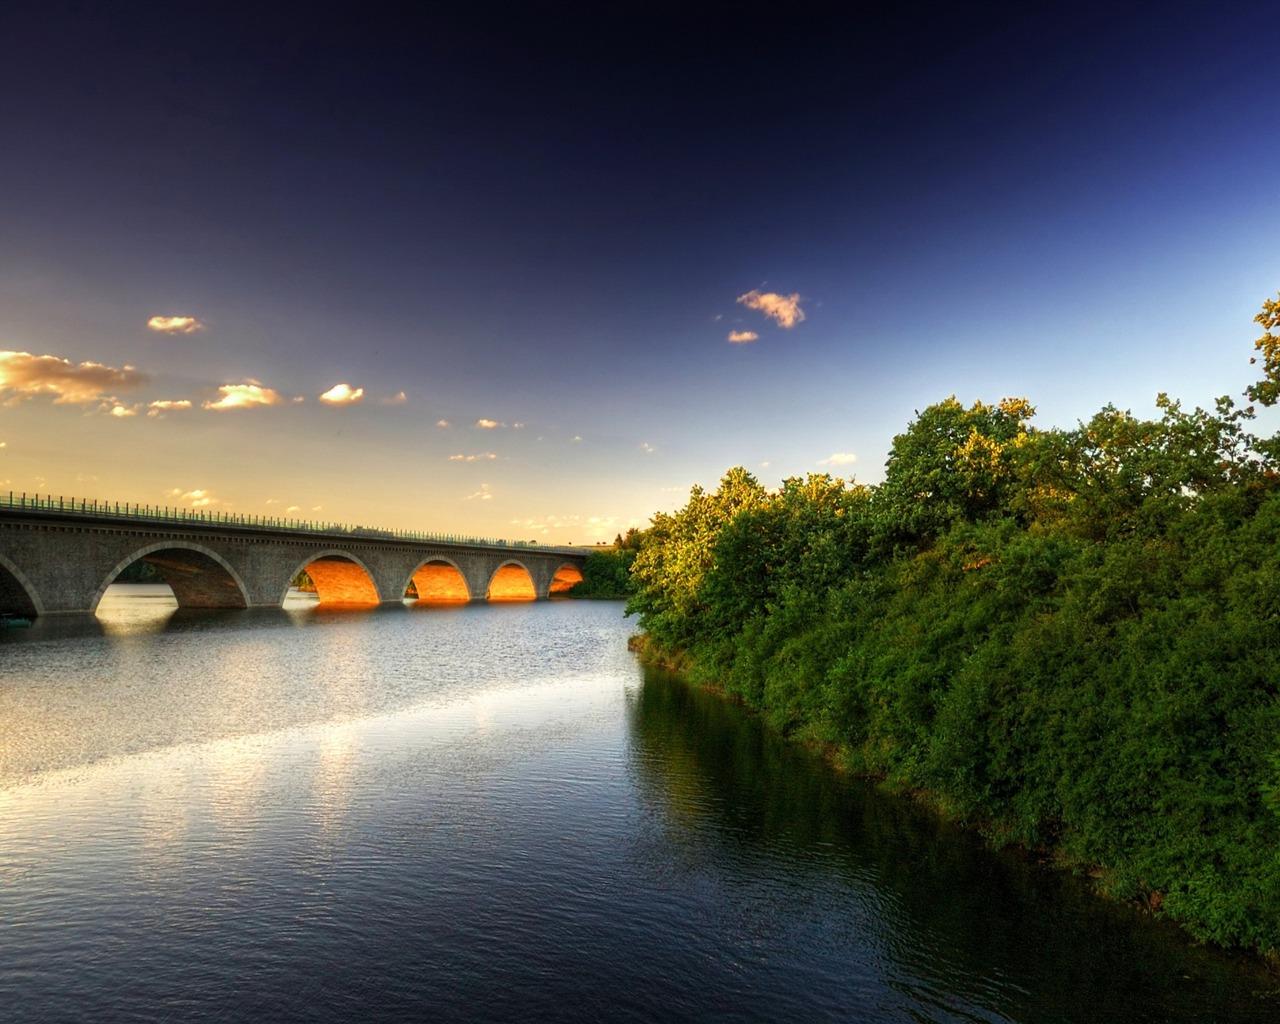 描述: 桥畔树天空-风景高清壁纸 当前壁纸尺寸: 1280 x 1024图片